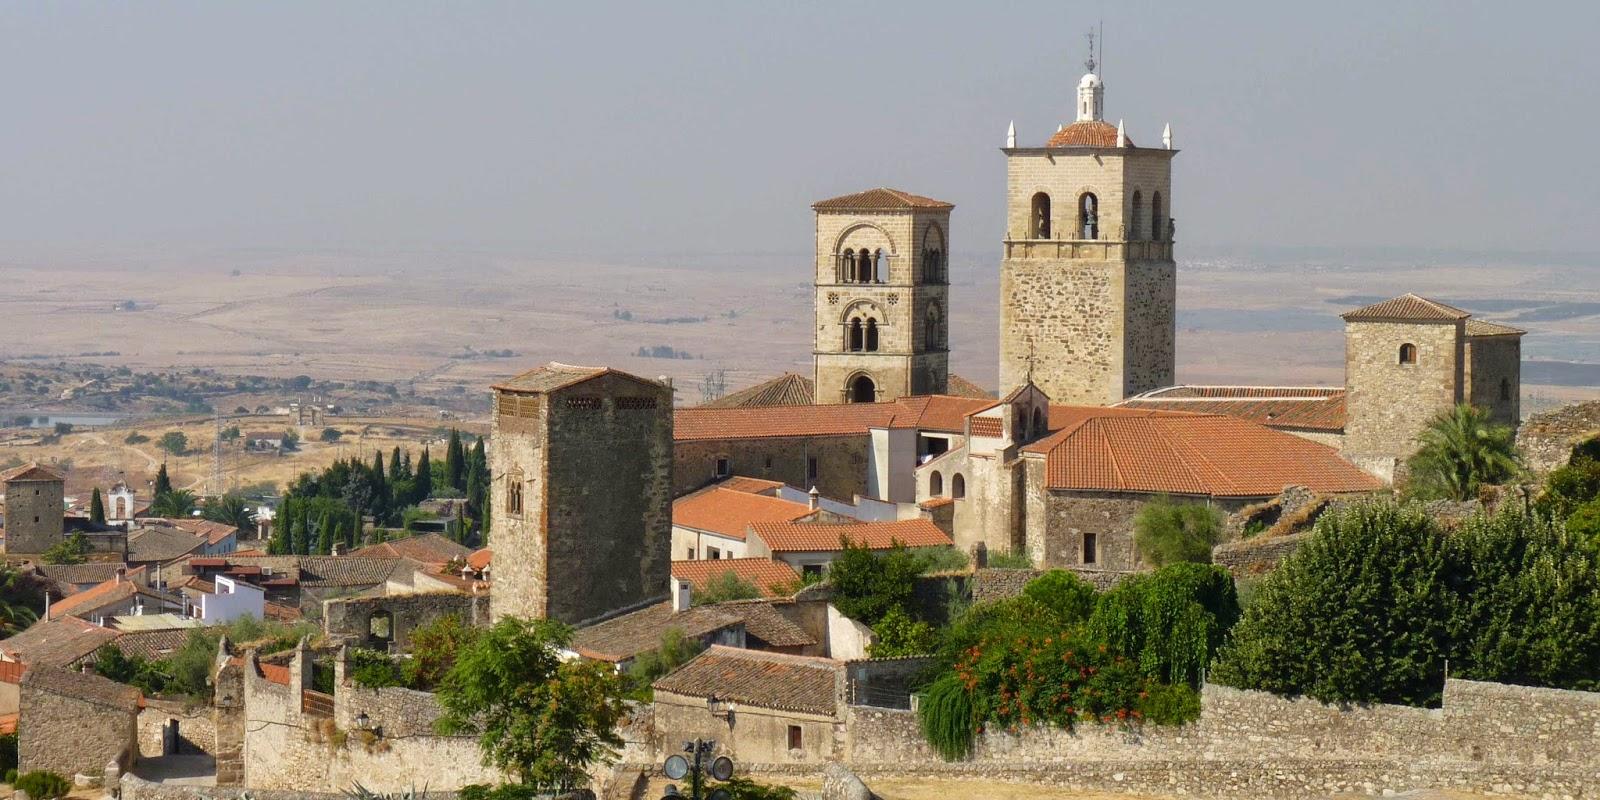 Vista de Santa María la Mayor desde la Alcazaba de Trujillo.